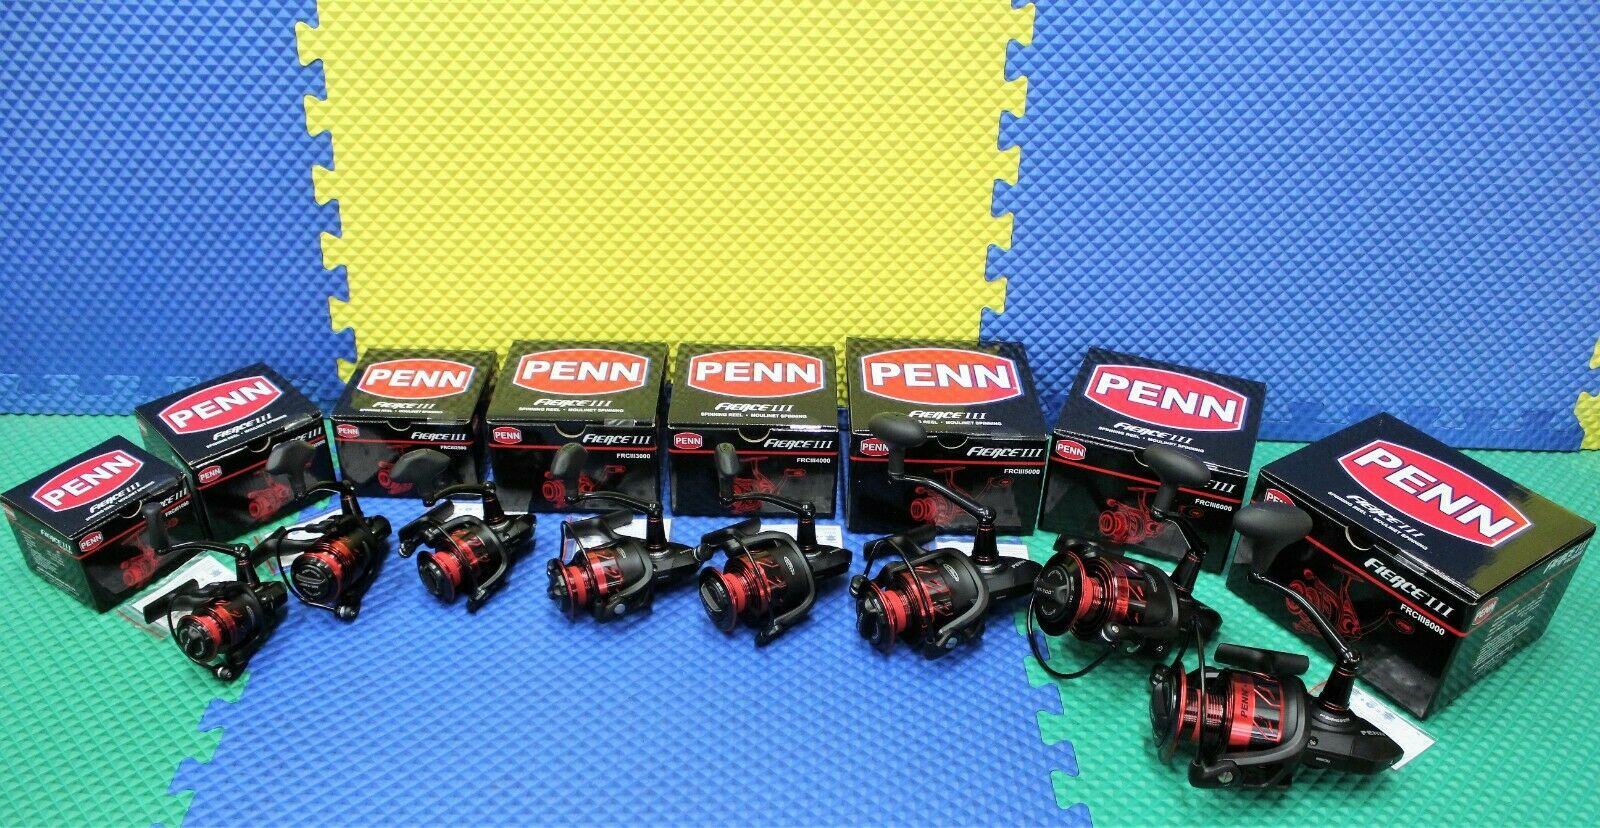 Penn Penn Penn fierceiii SPINNING NUOVE Bobine scegli il modellololo  ef1